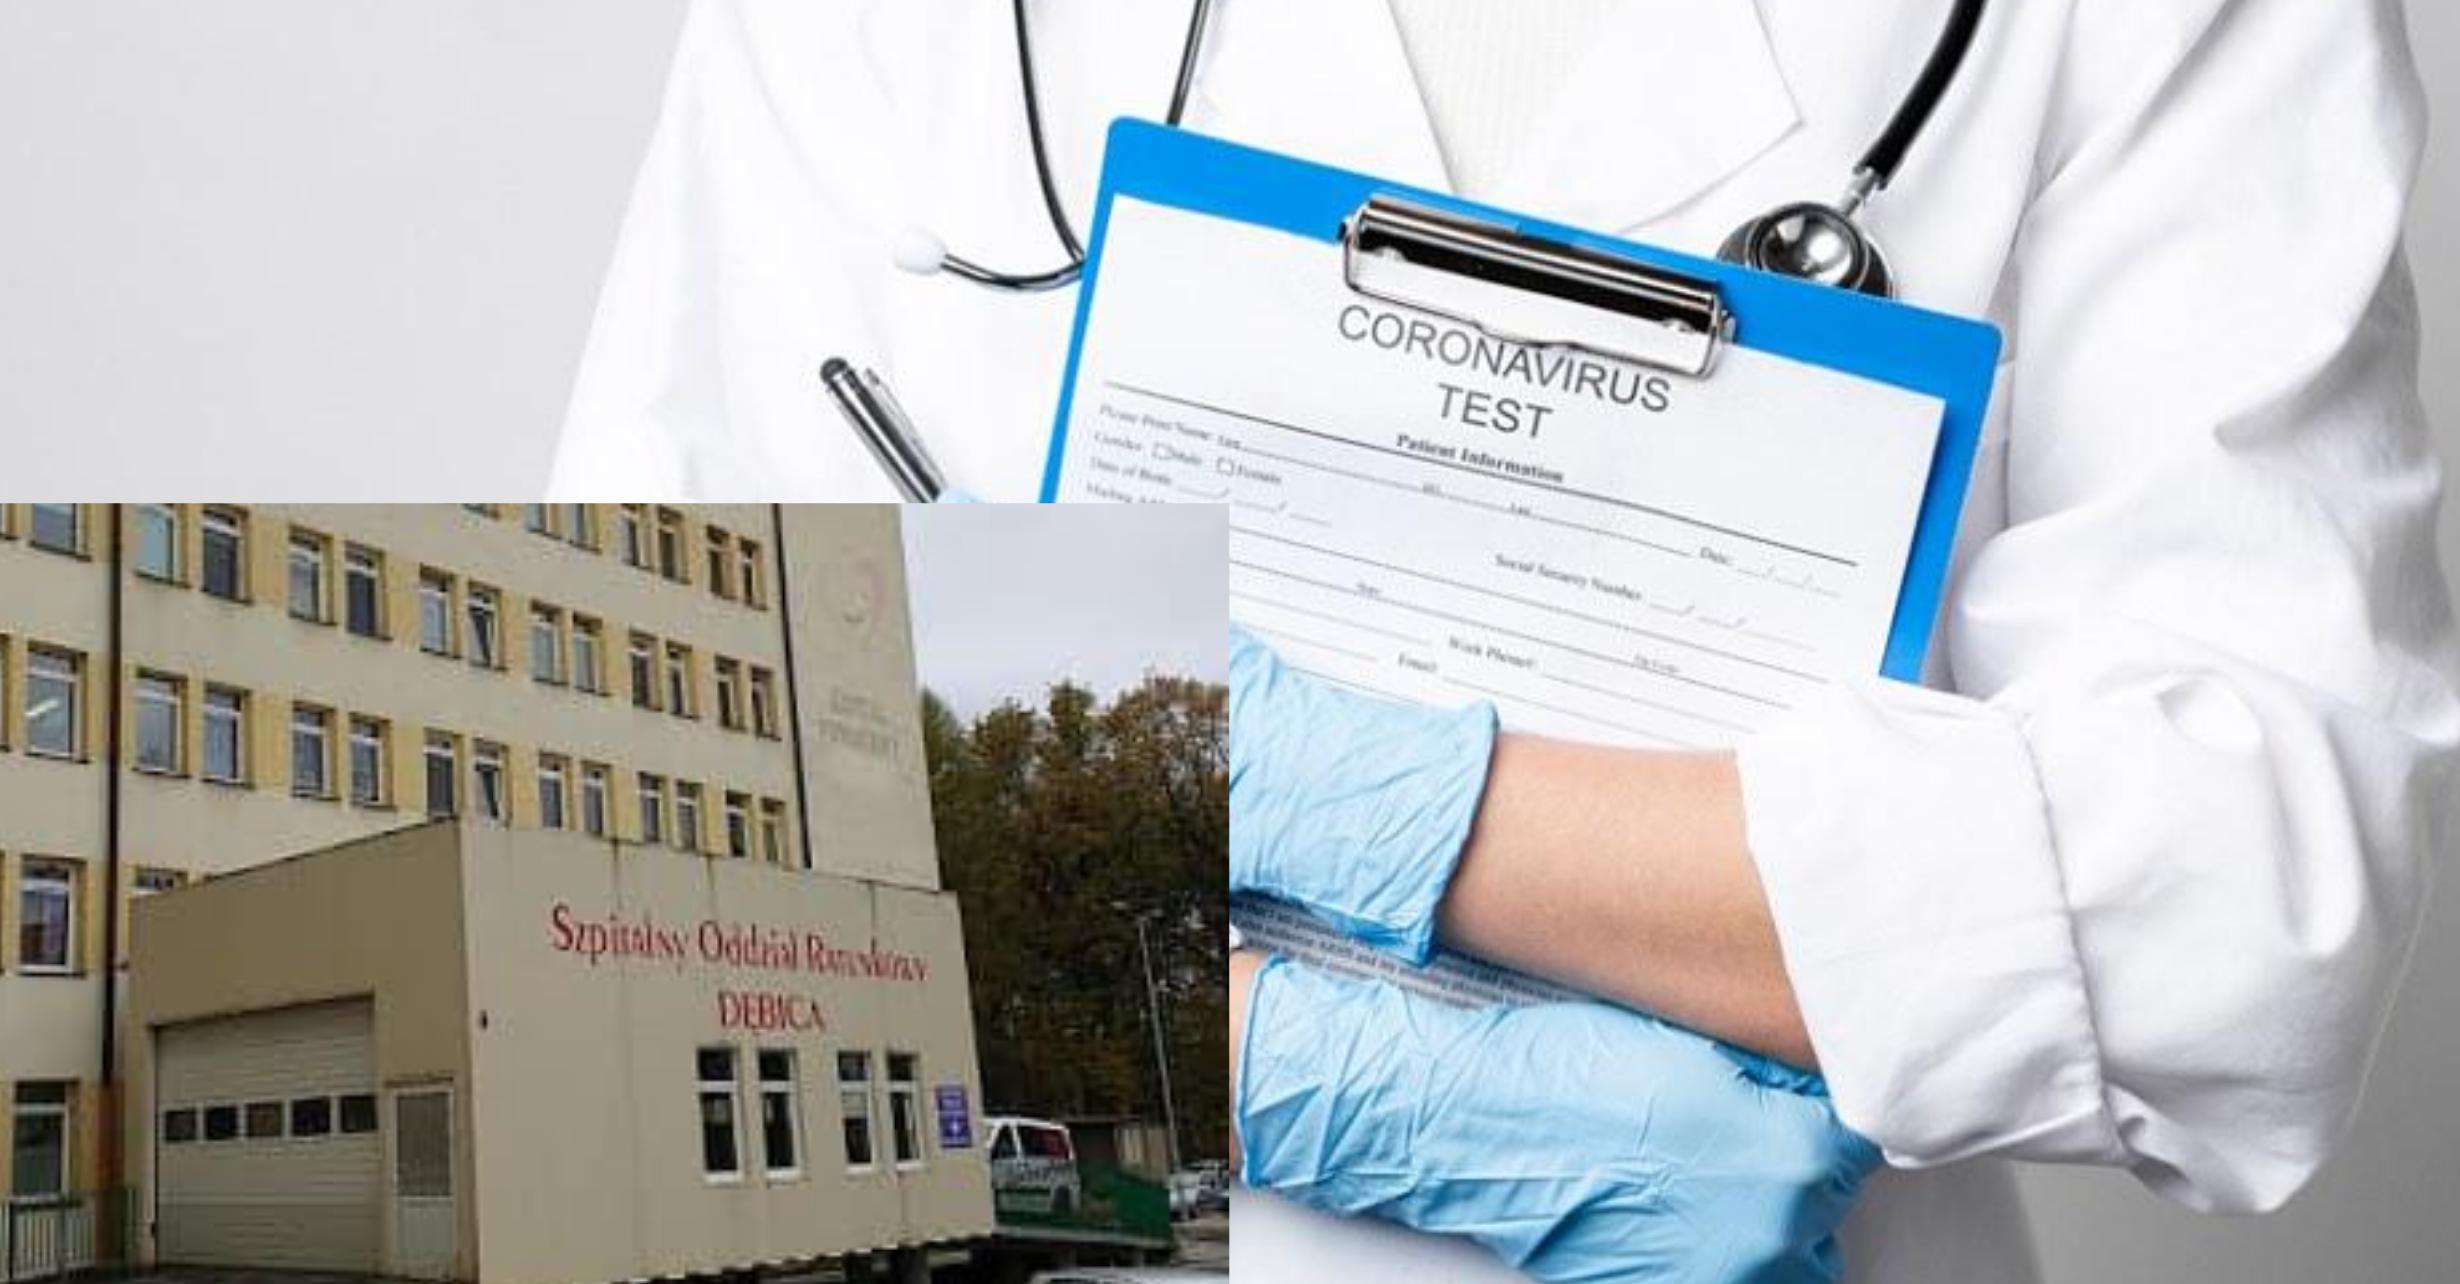 Kolejne oddziały szpitalne zamknięte w Dębicy. Powód: koronawirus! - Zdjęcie główne